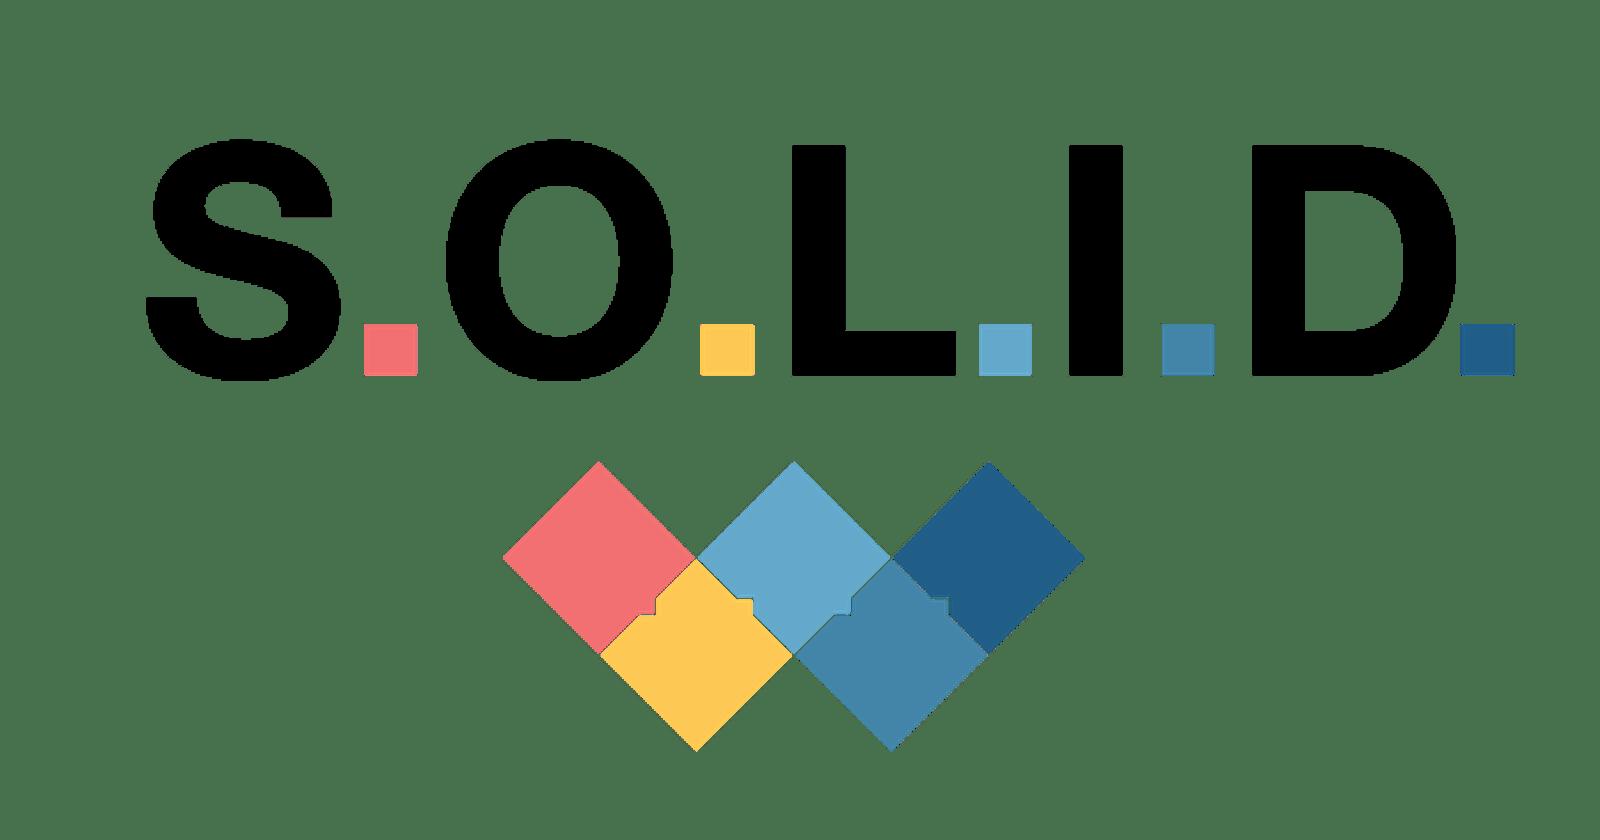 Princípios SOLID: o que são e como aplicá-los no PHP/Laravel (Parte 01 - Responsabilidade Única)